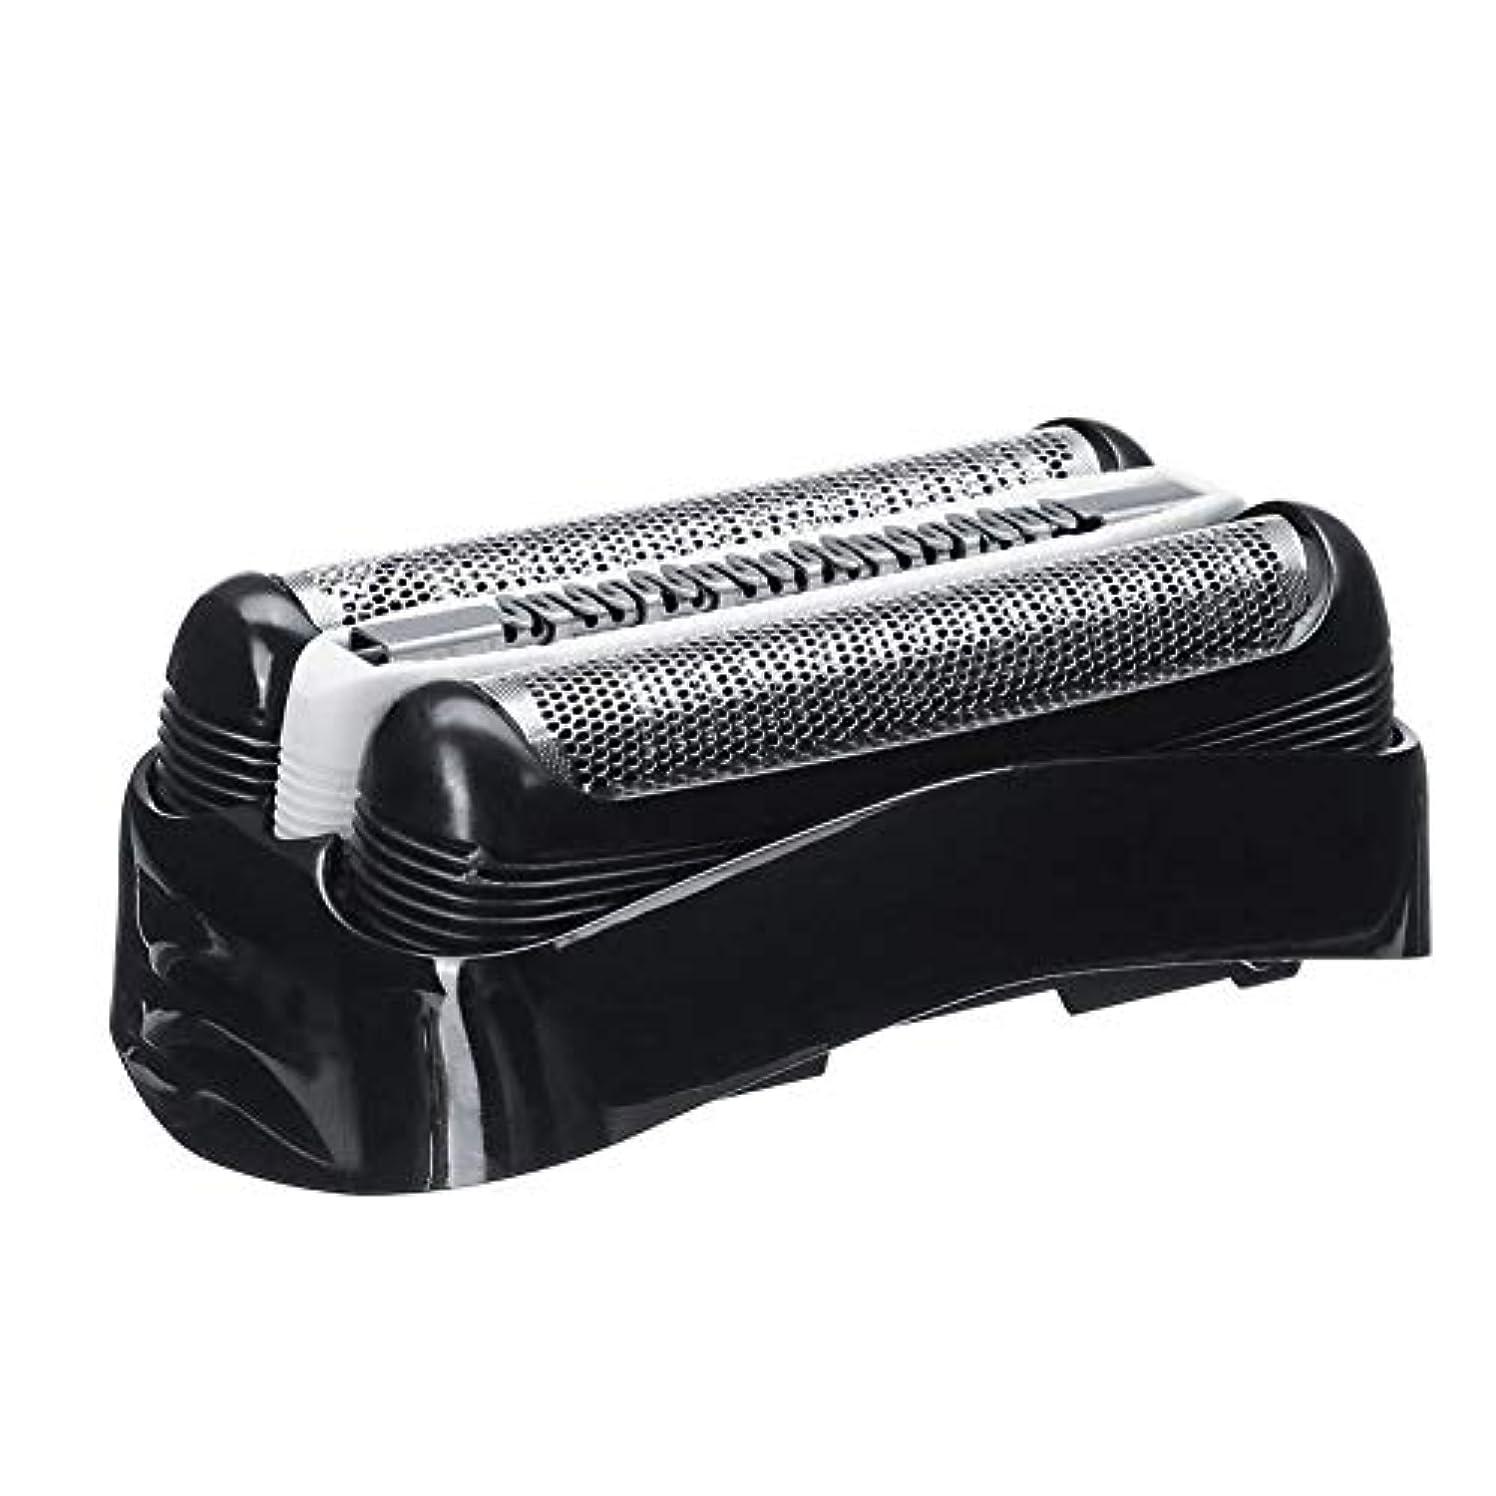 悪名高い光景貼り直すclouday シェーバー替刃 メンズシェーバー用 セット刃 シェーバー交換部品 電気シェーバー交換ヘッドカミソリアクセサリ for Braun 3 series well-designed